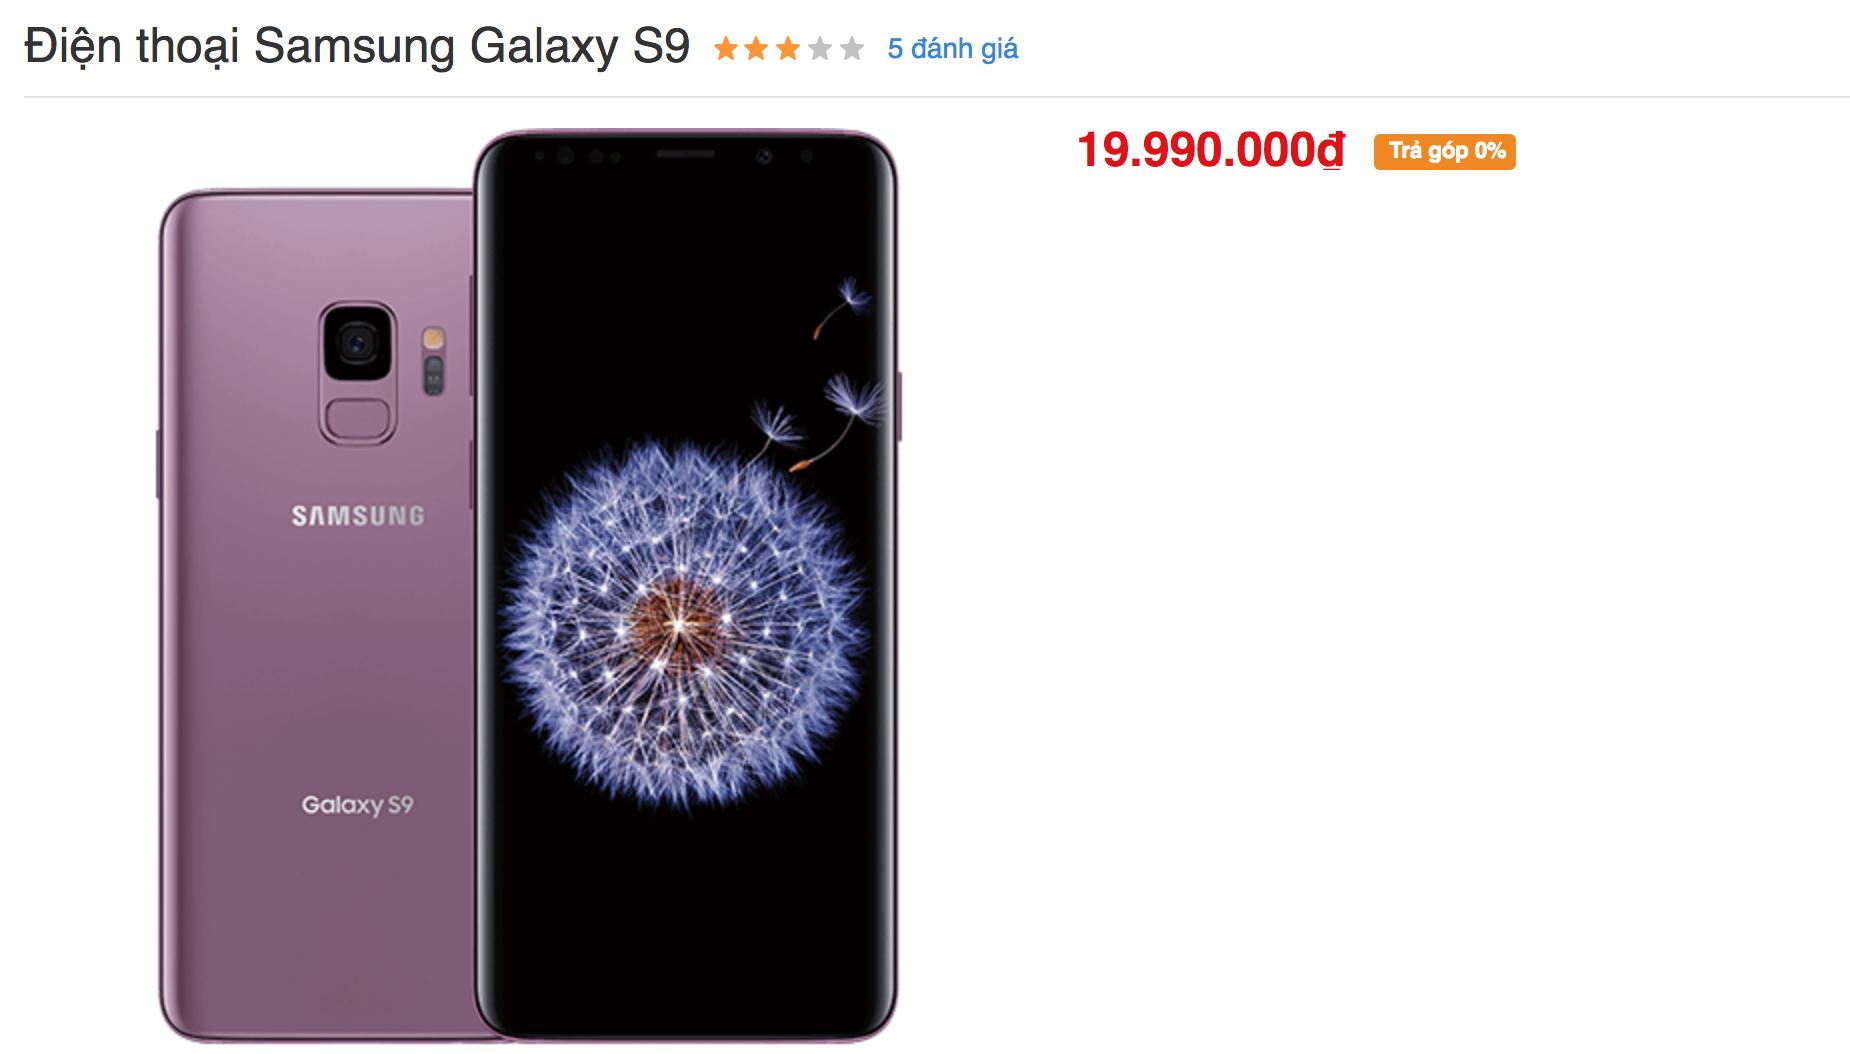 8 lý do để xúc ngay Galaxy S9 thay vì Note 8 nếu còn đang phân vân - Ảnh 1.